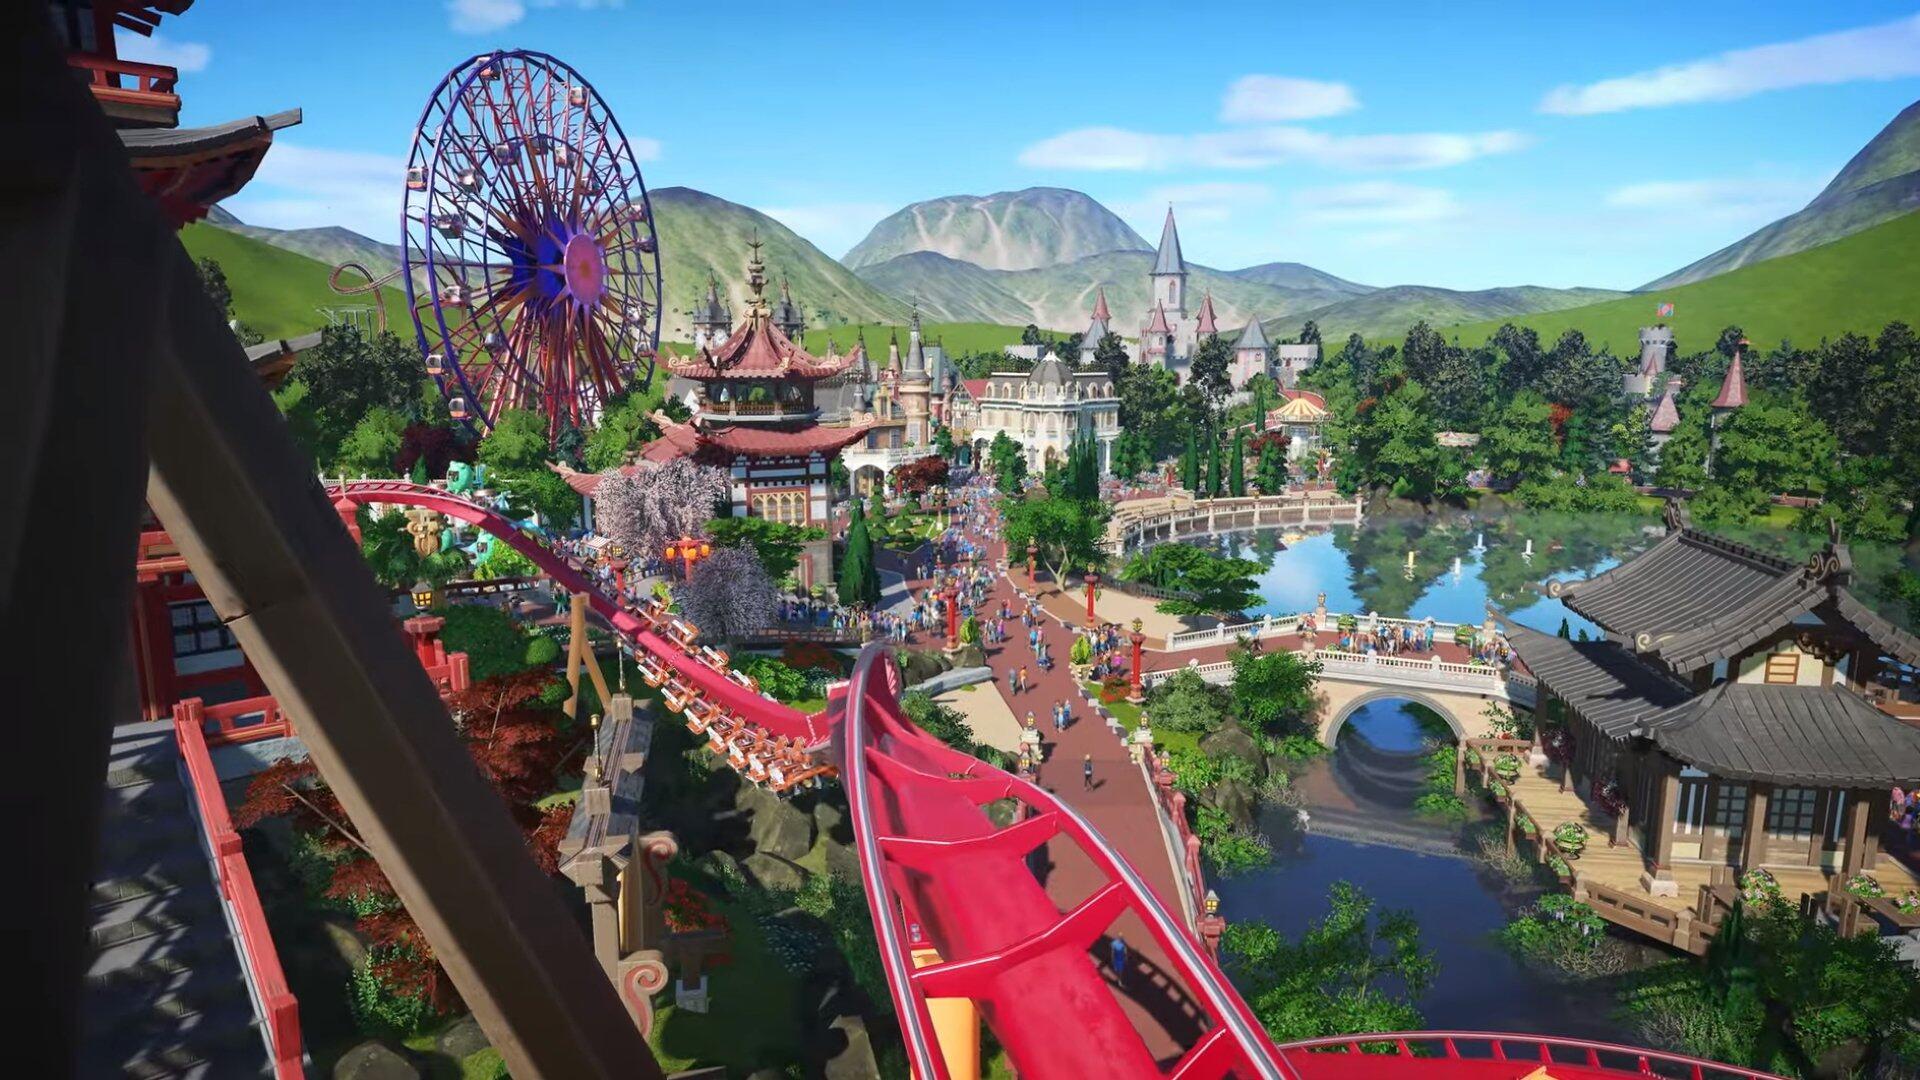 แผ่นเกมส์ PC - Planet Coaster เกมสร้างสวนสนุก + อัพเดทใหม่ล่าสุด ...